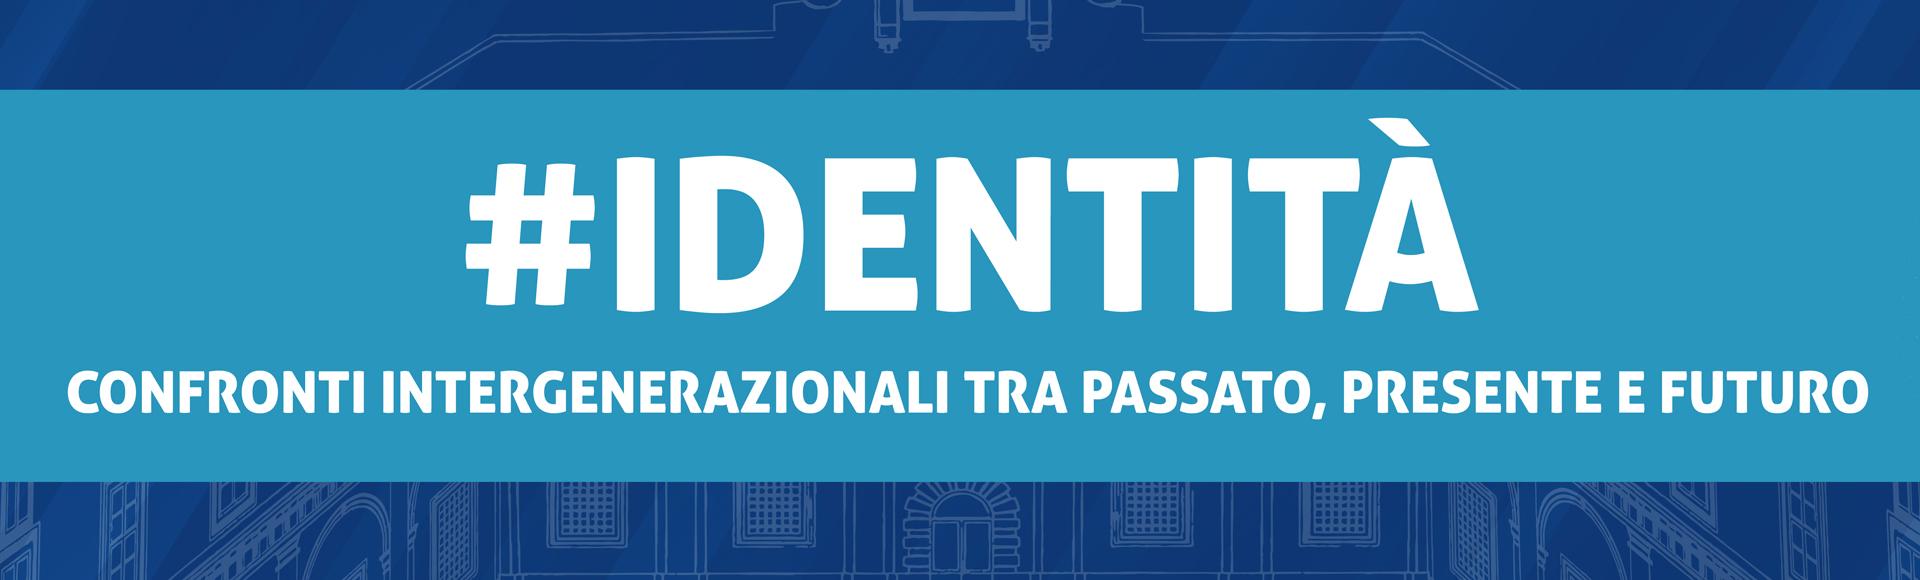 Identita_testata